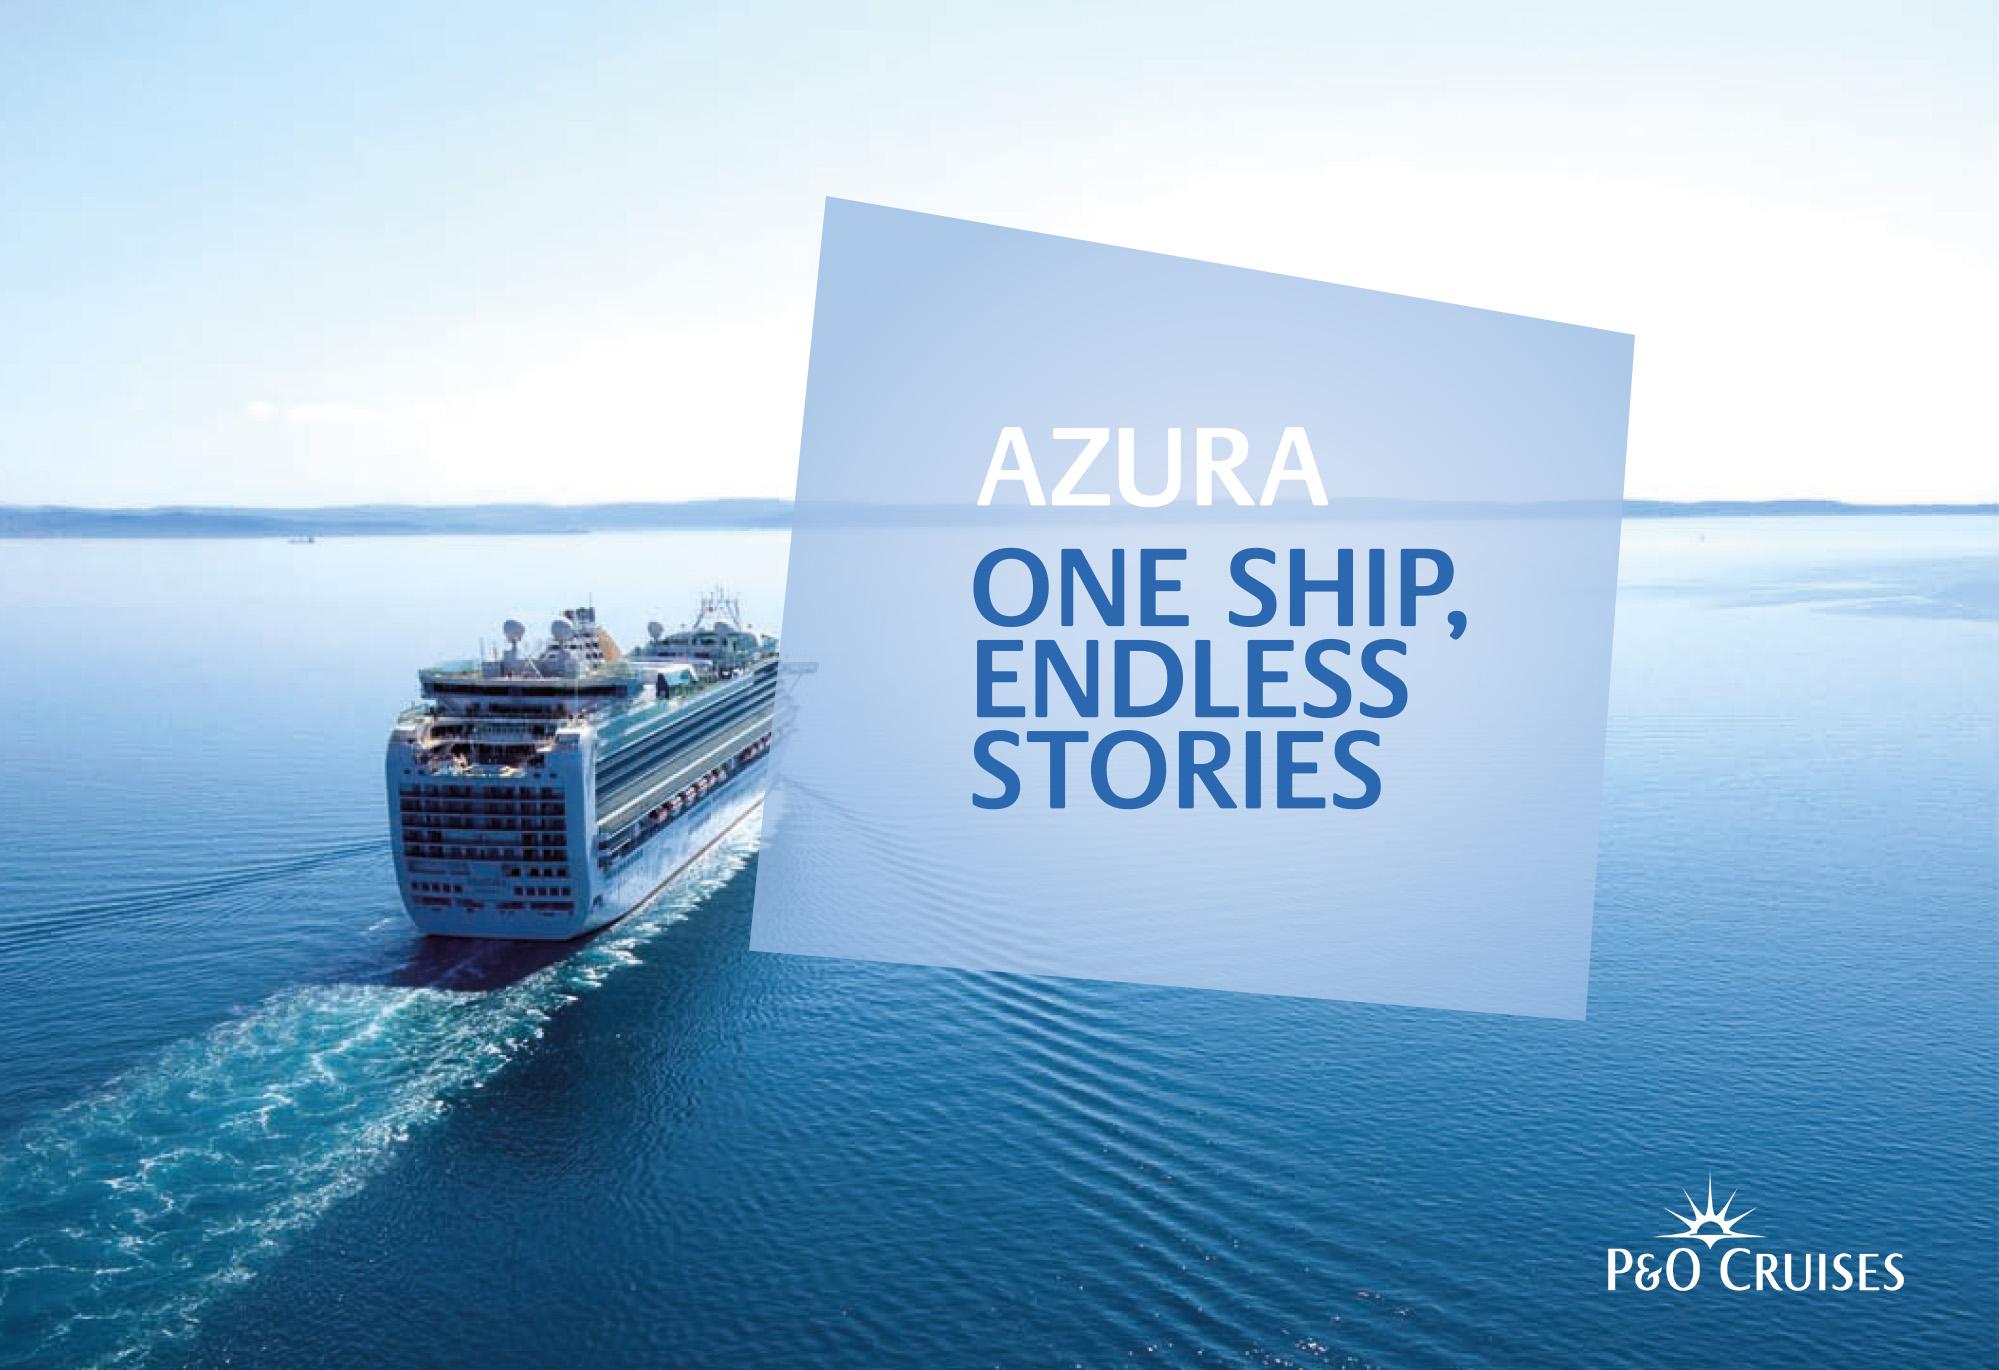 P&O Cruises Azura Cruiseliner logo